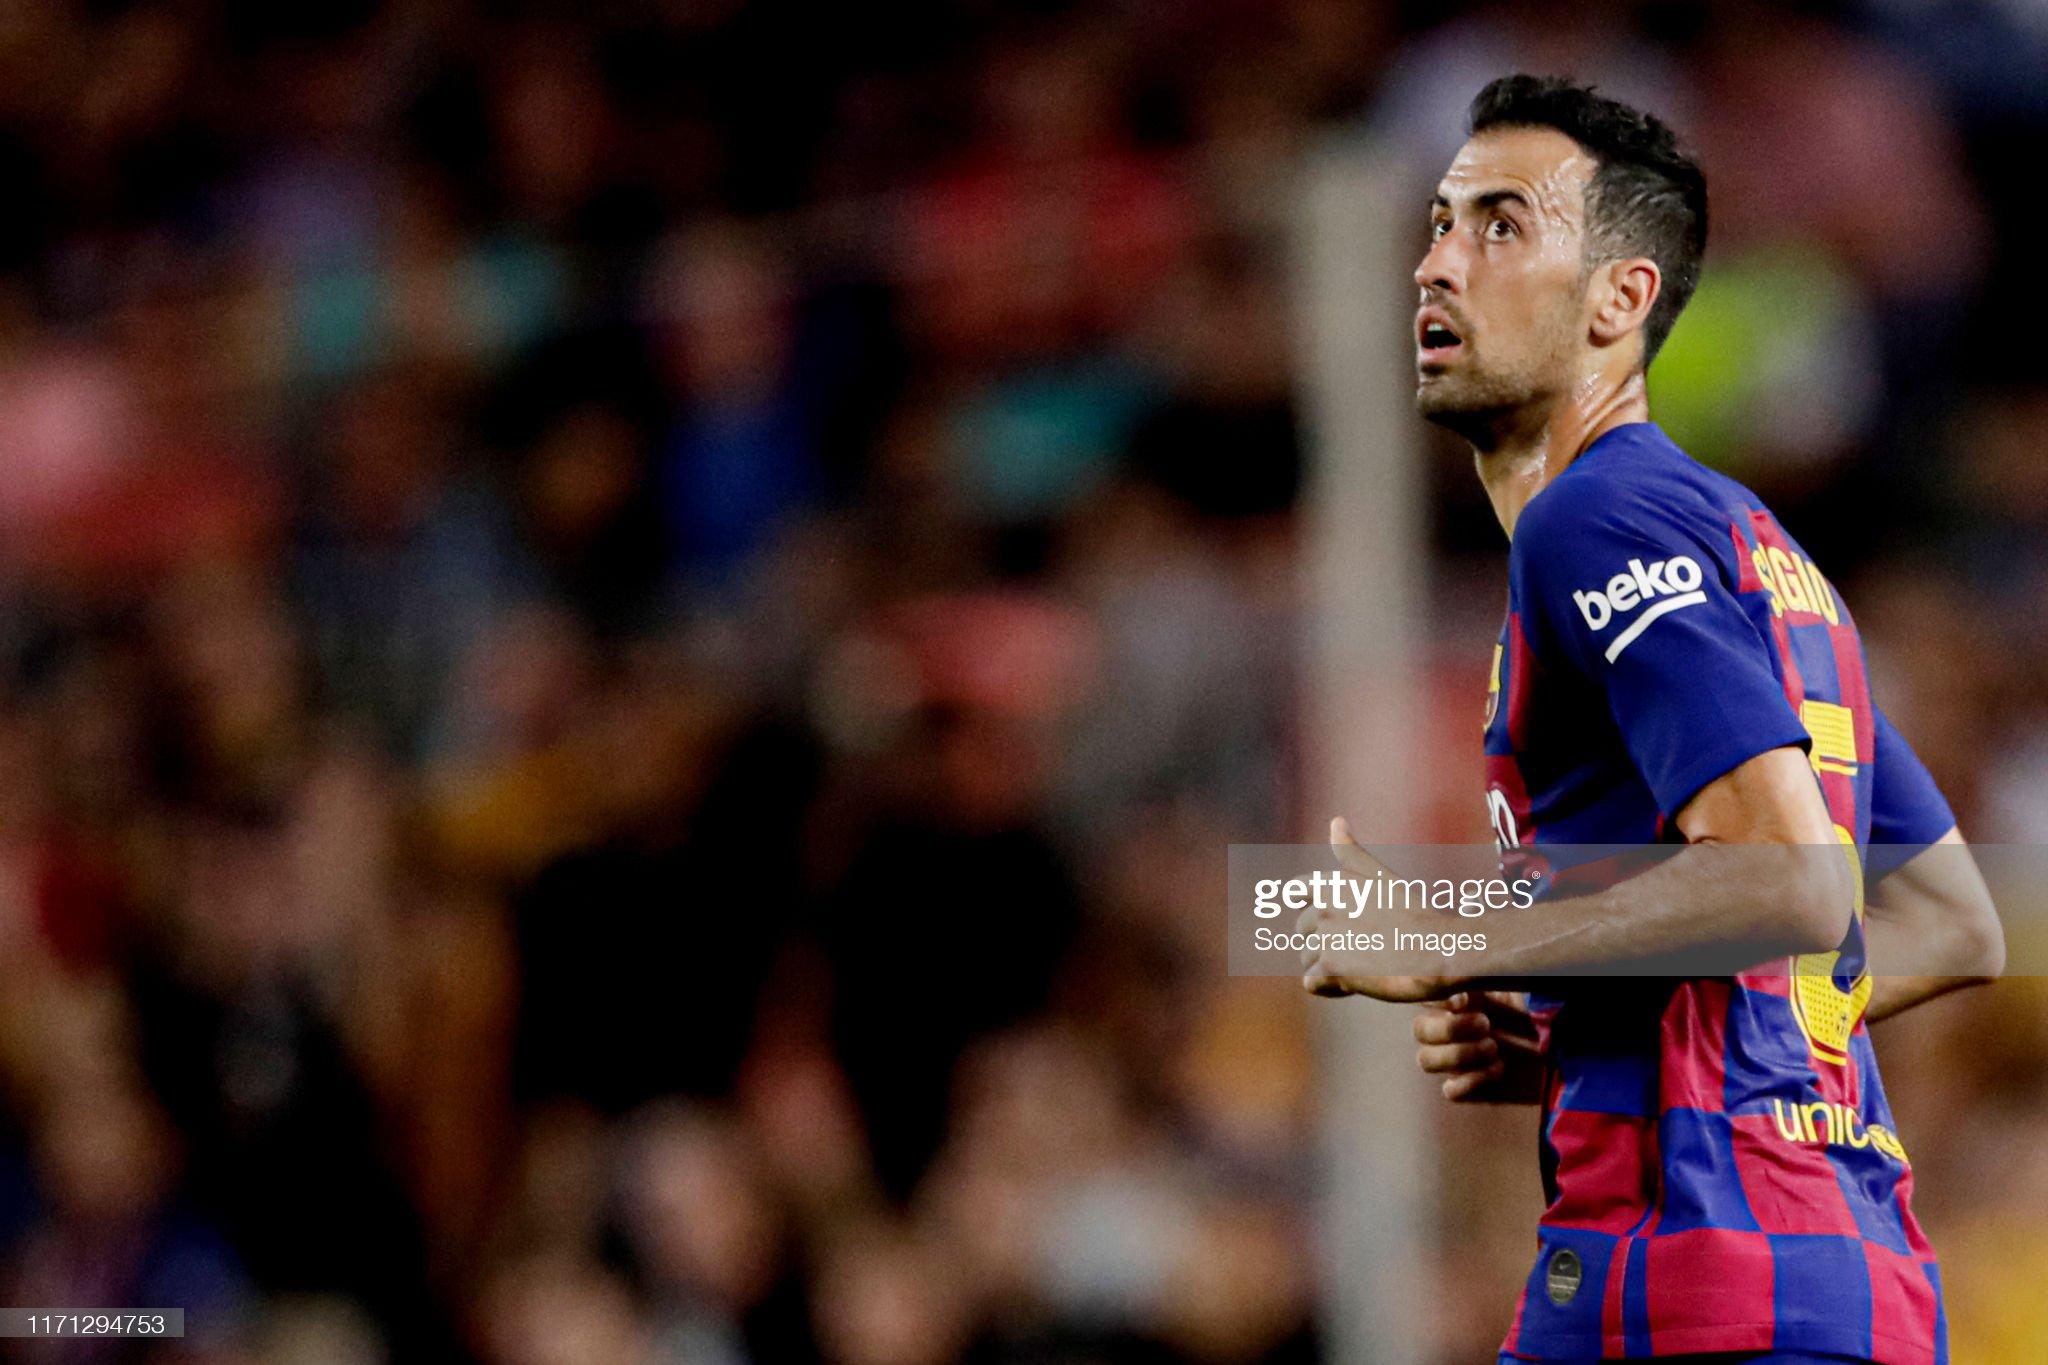 صور مباراة : برشلونة - فياريال 2-1 ( 24-09-2019 )  Sergio-busquets-of-fc-barcelona-during-the-la-liga-santander-match-picture-id1171294753?s=2048x2048